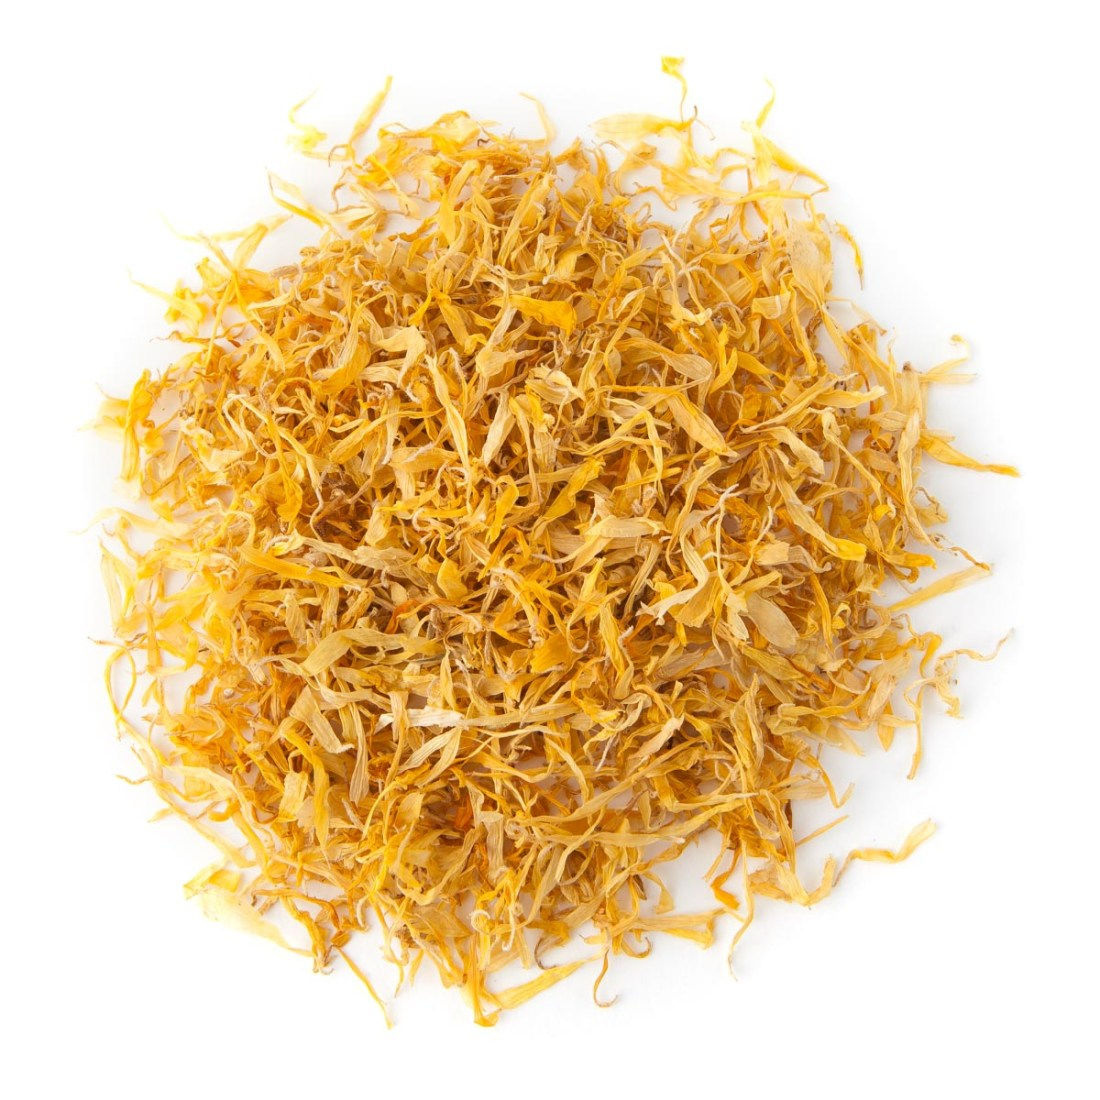 Marigold Confetti